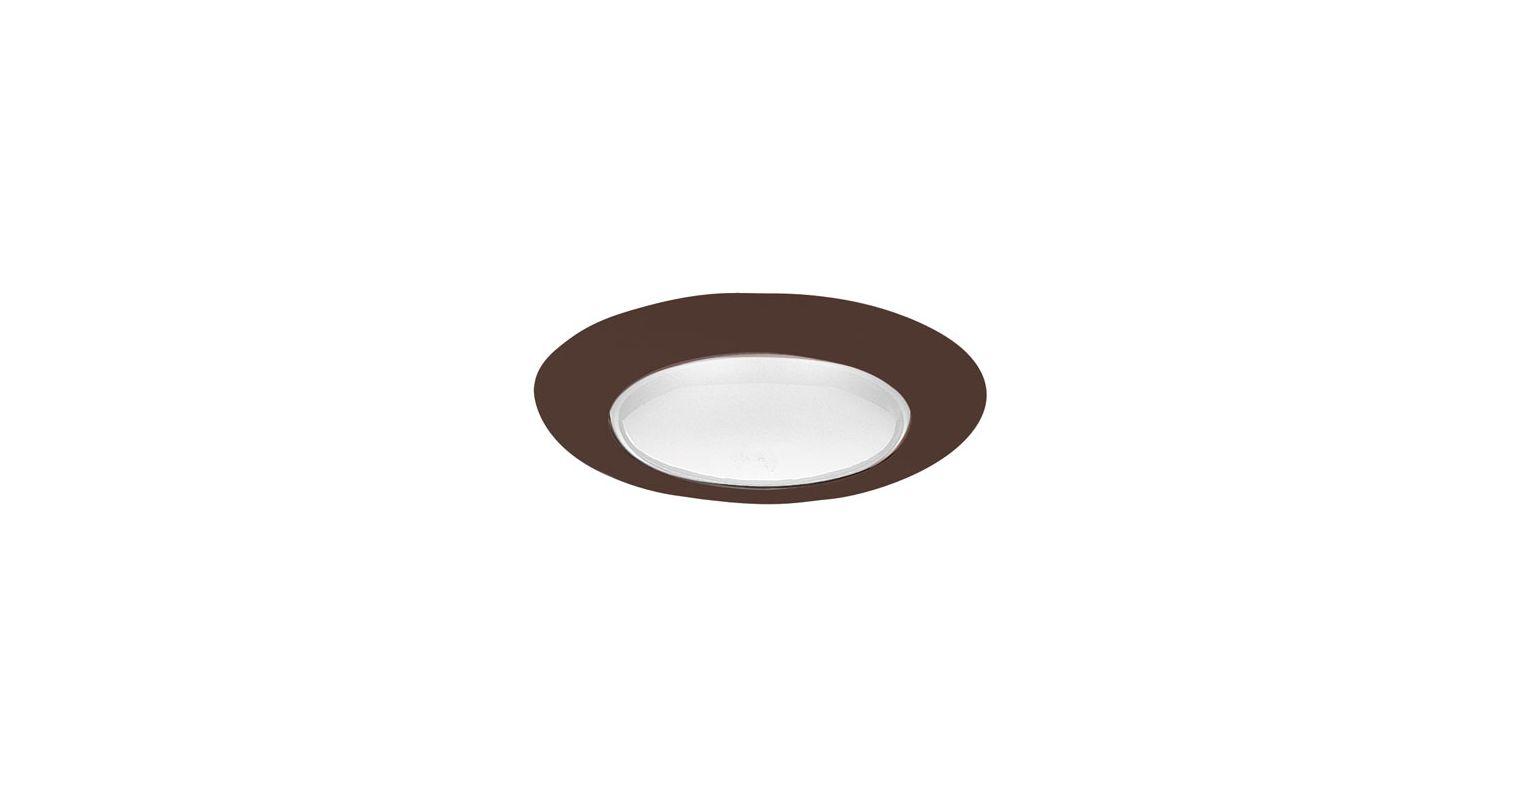 """Elco EL40 6"""" Open Trim for 150W Bulbs Bronze Recessed Lights Shower"""